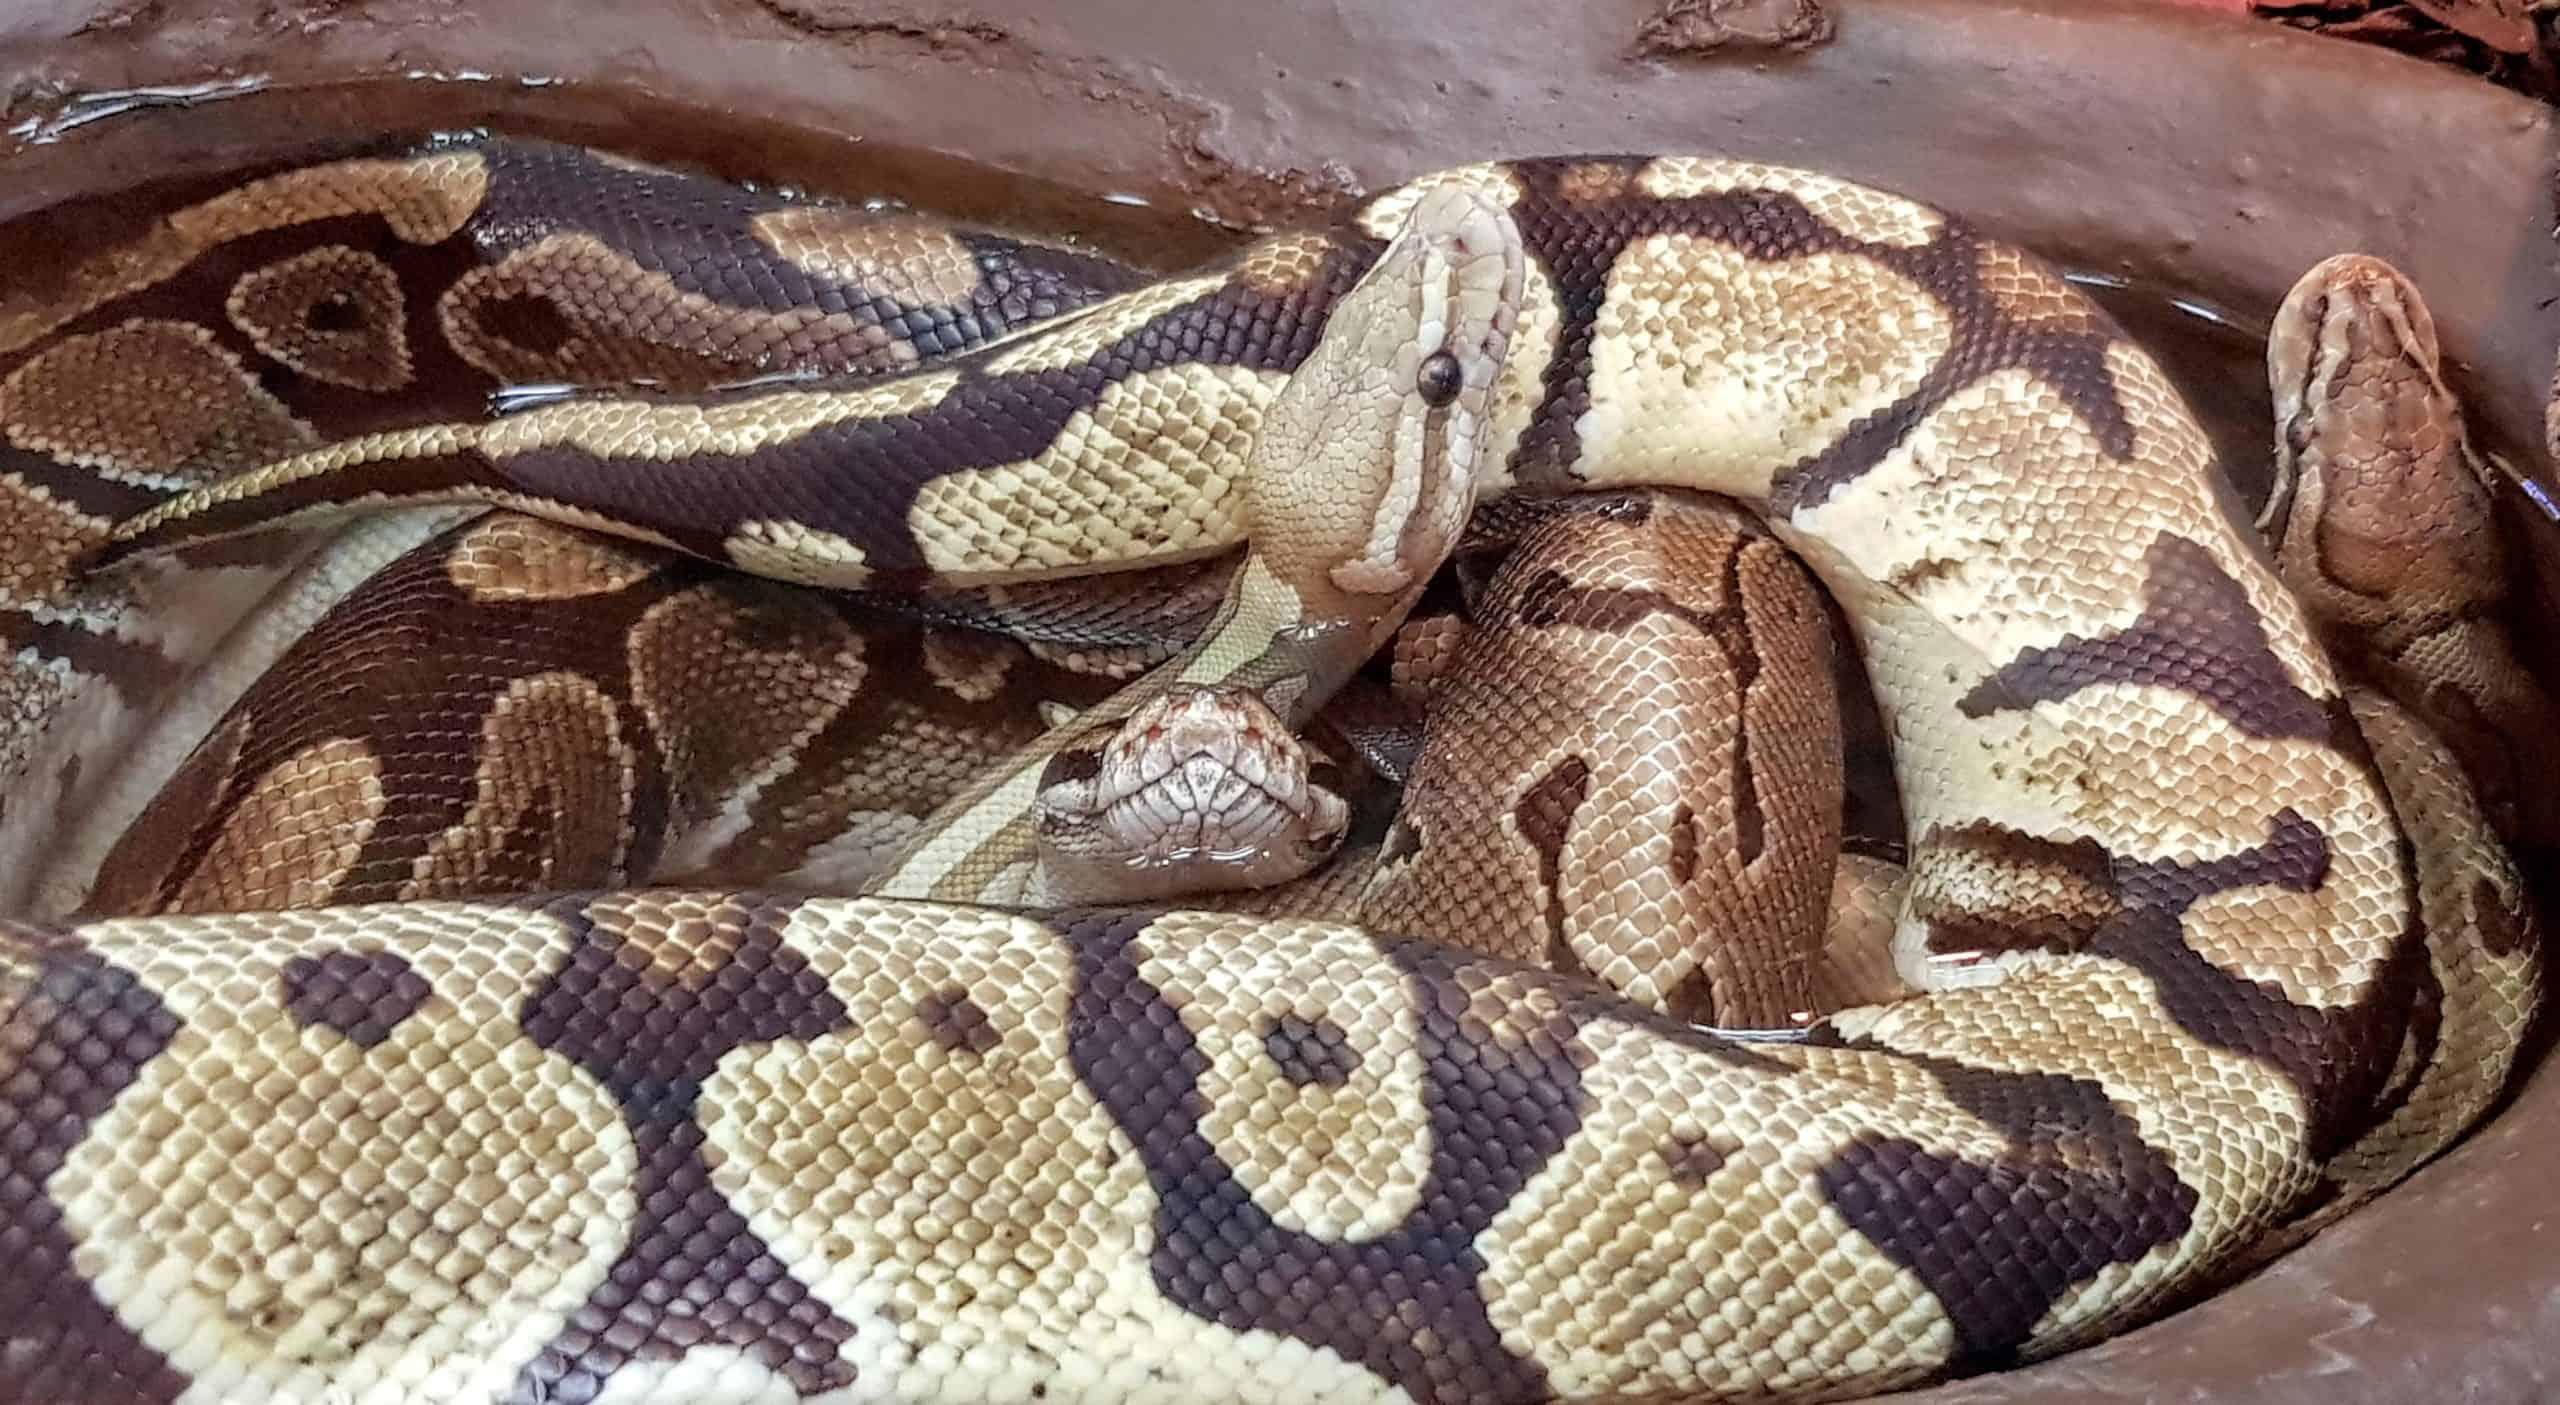 Schlangen im Wasserbecken - Reptilienzoo Happ Klagenfurt, Österreich